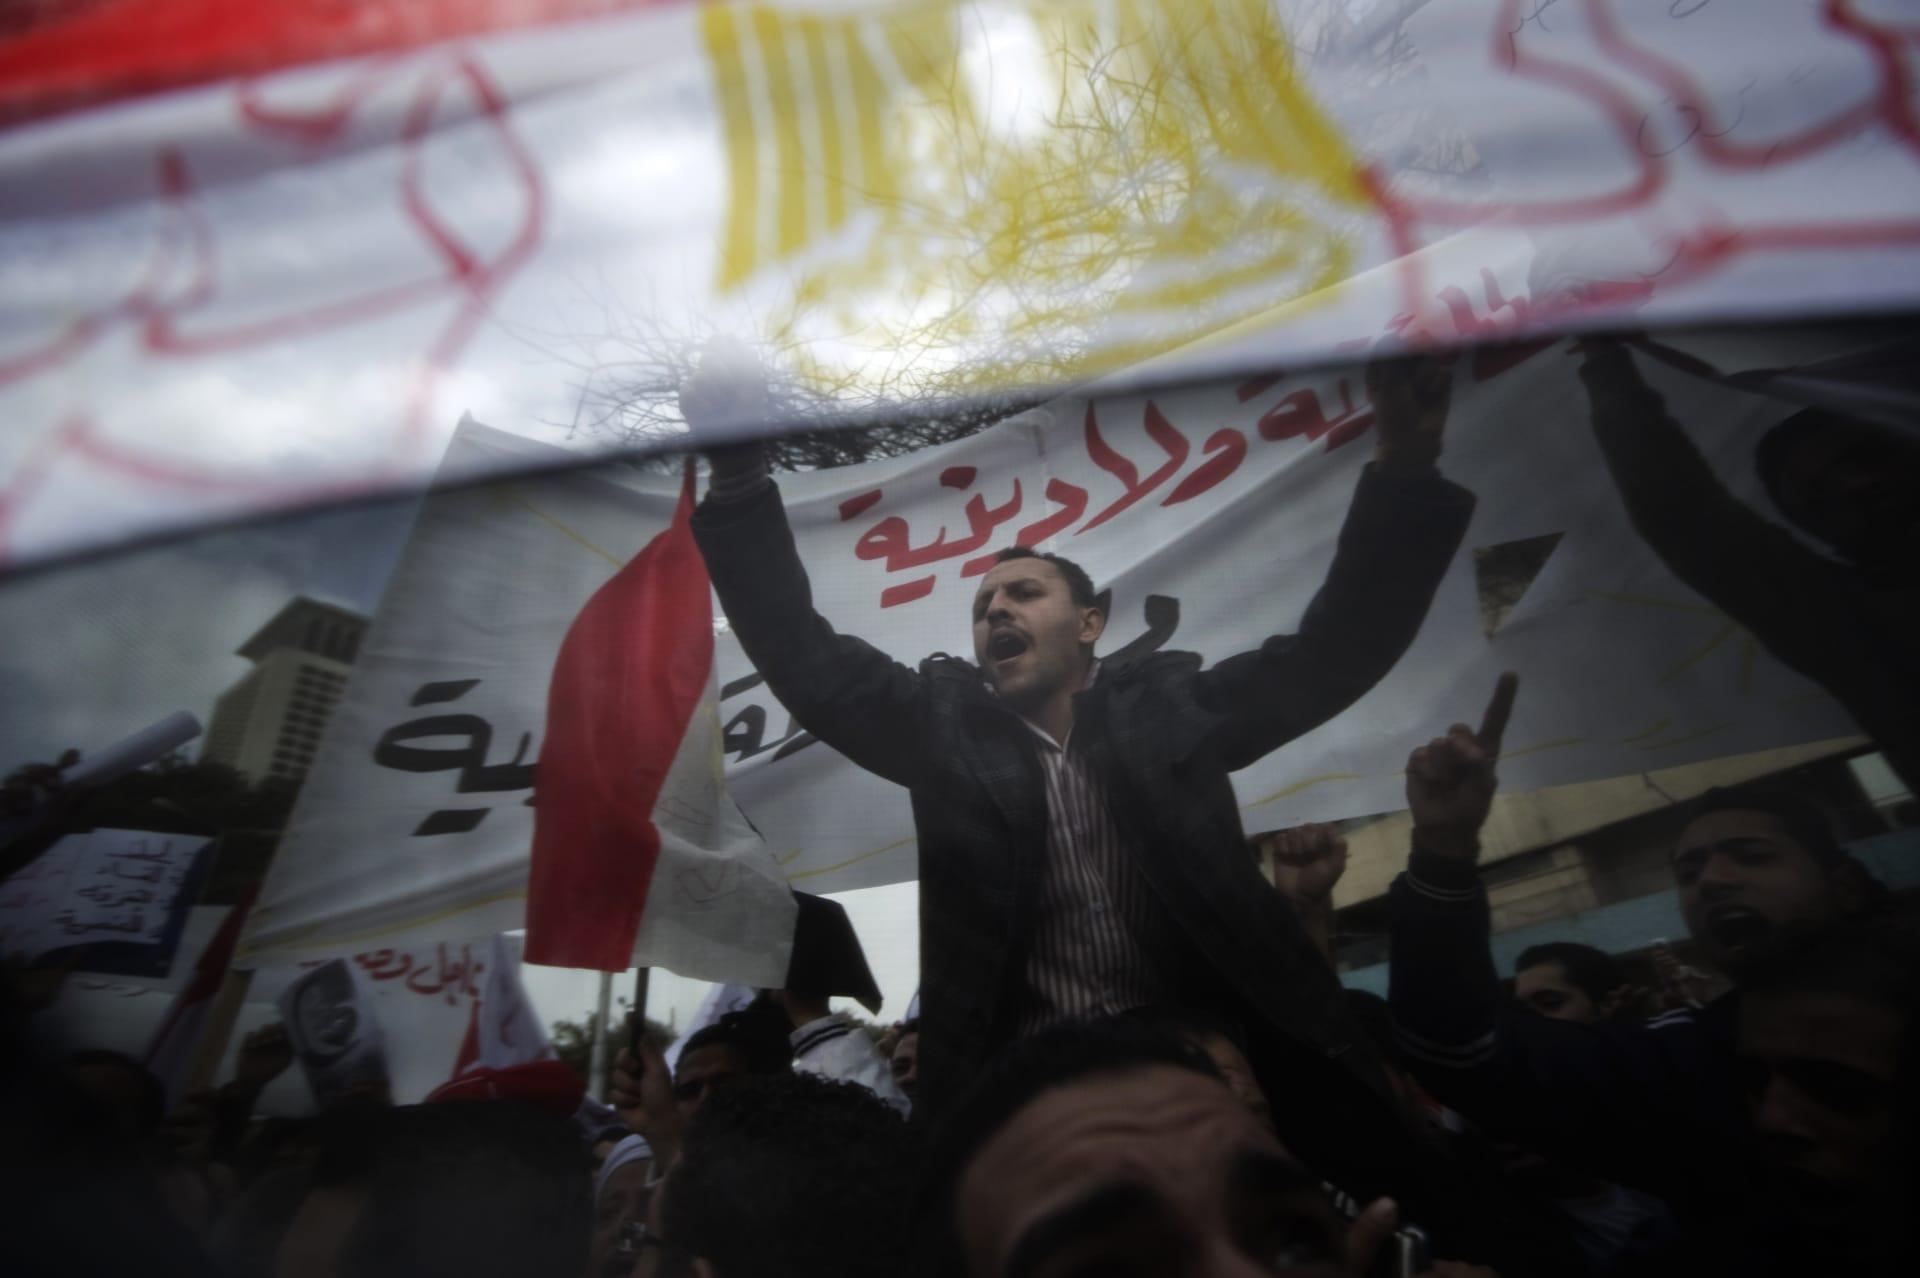 """رئيس لجنة الإفراج عن الشباب المعتقلين في مصر لـCNN: تغيير بالفكر السياسي للنظام ولكن هناك محاولة """"عرقلة"""" من الداخل"""